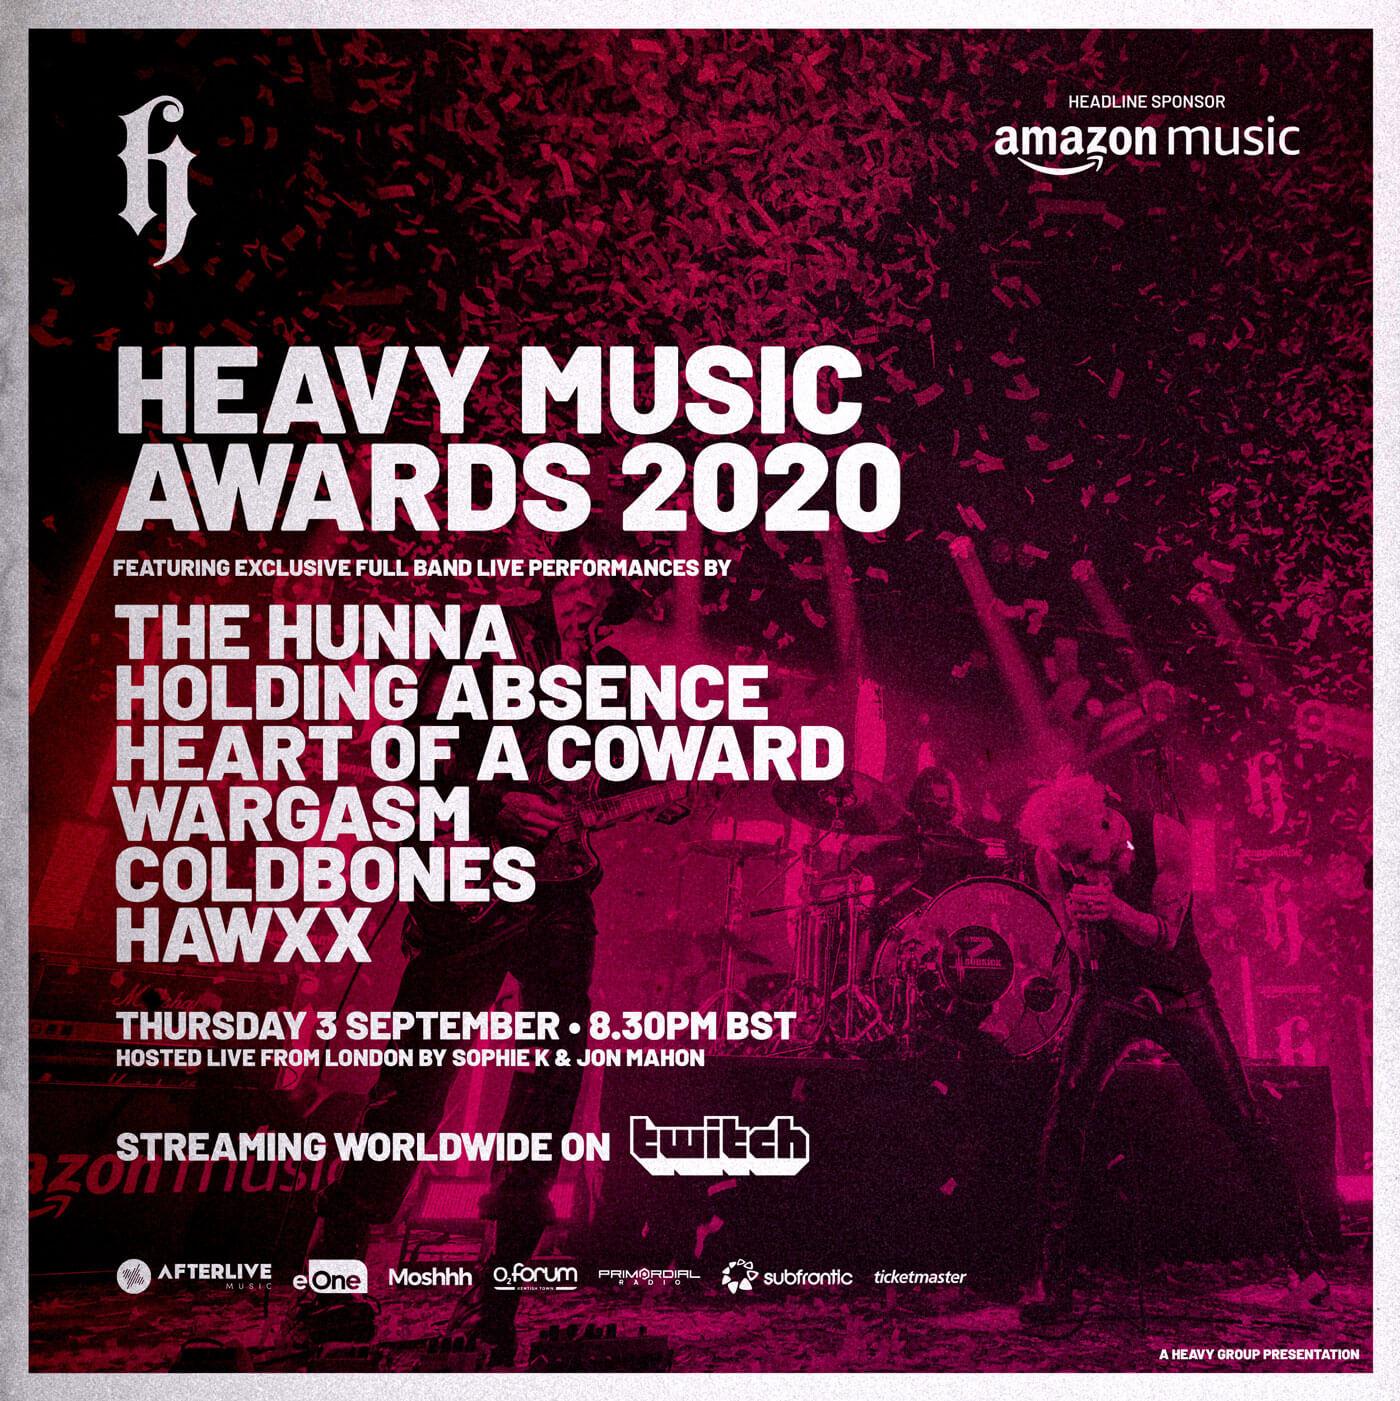 Heavy Music Awards